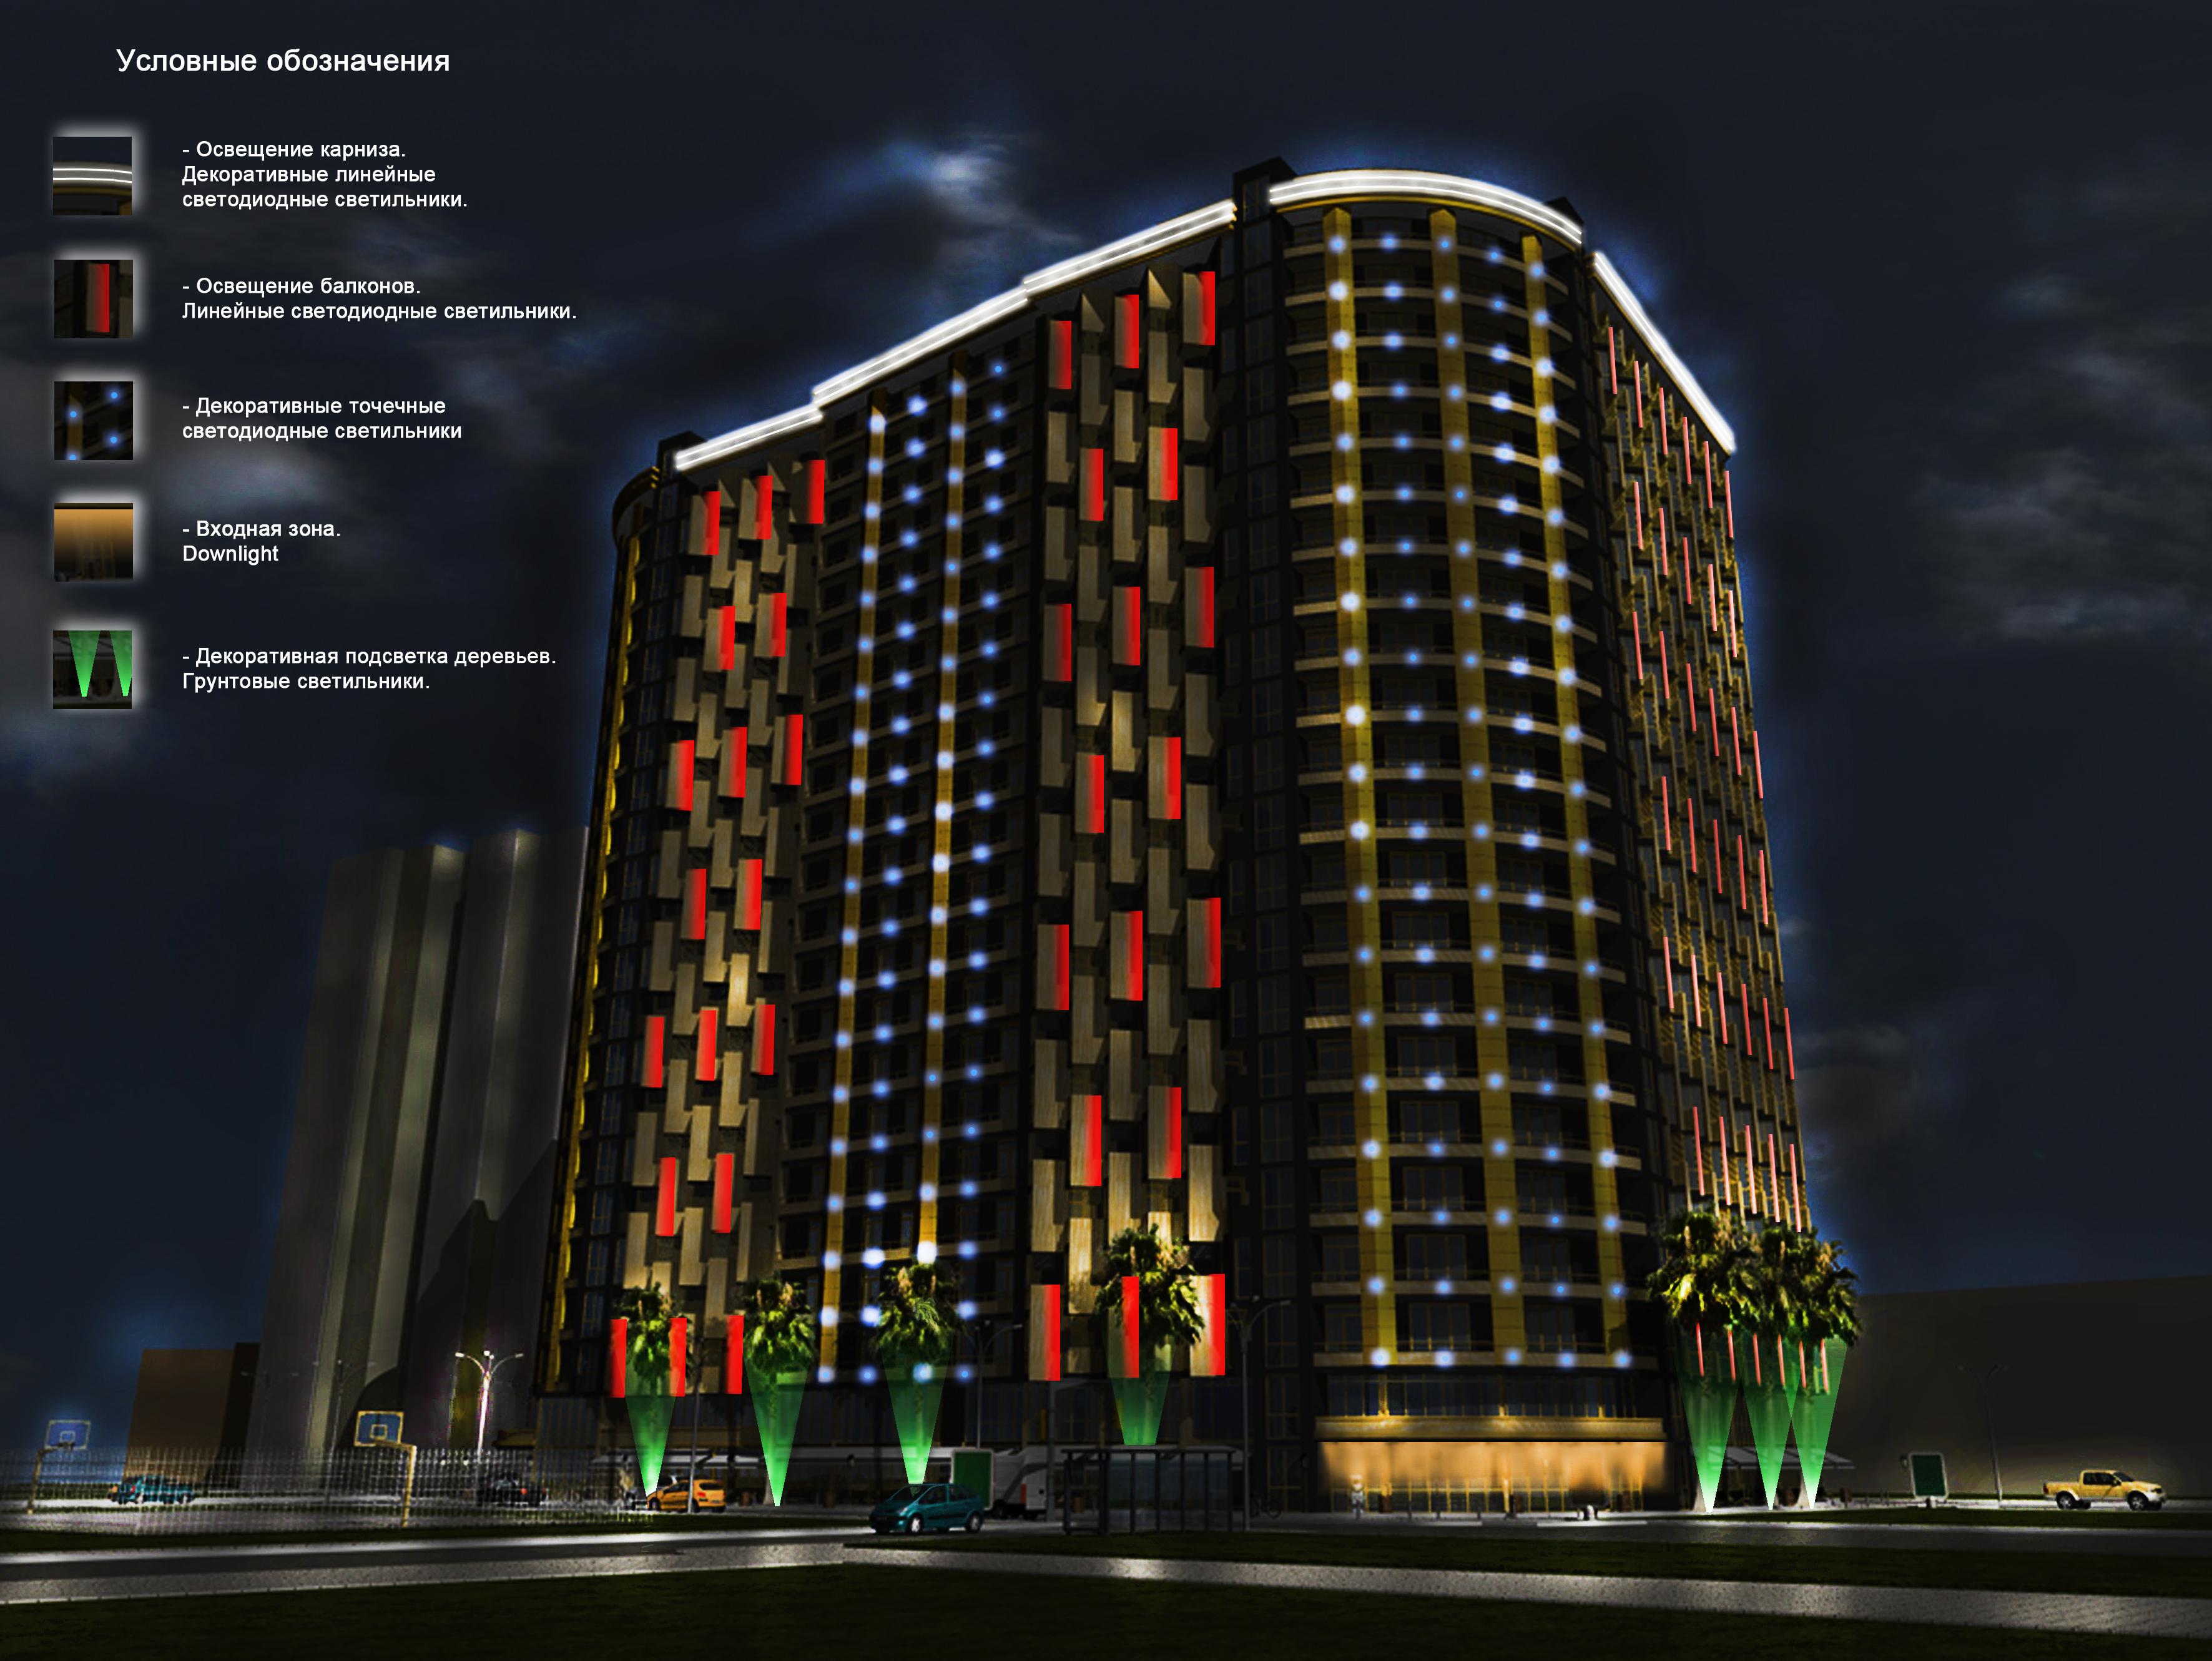 Проект освещение гостиничного комплекса